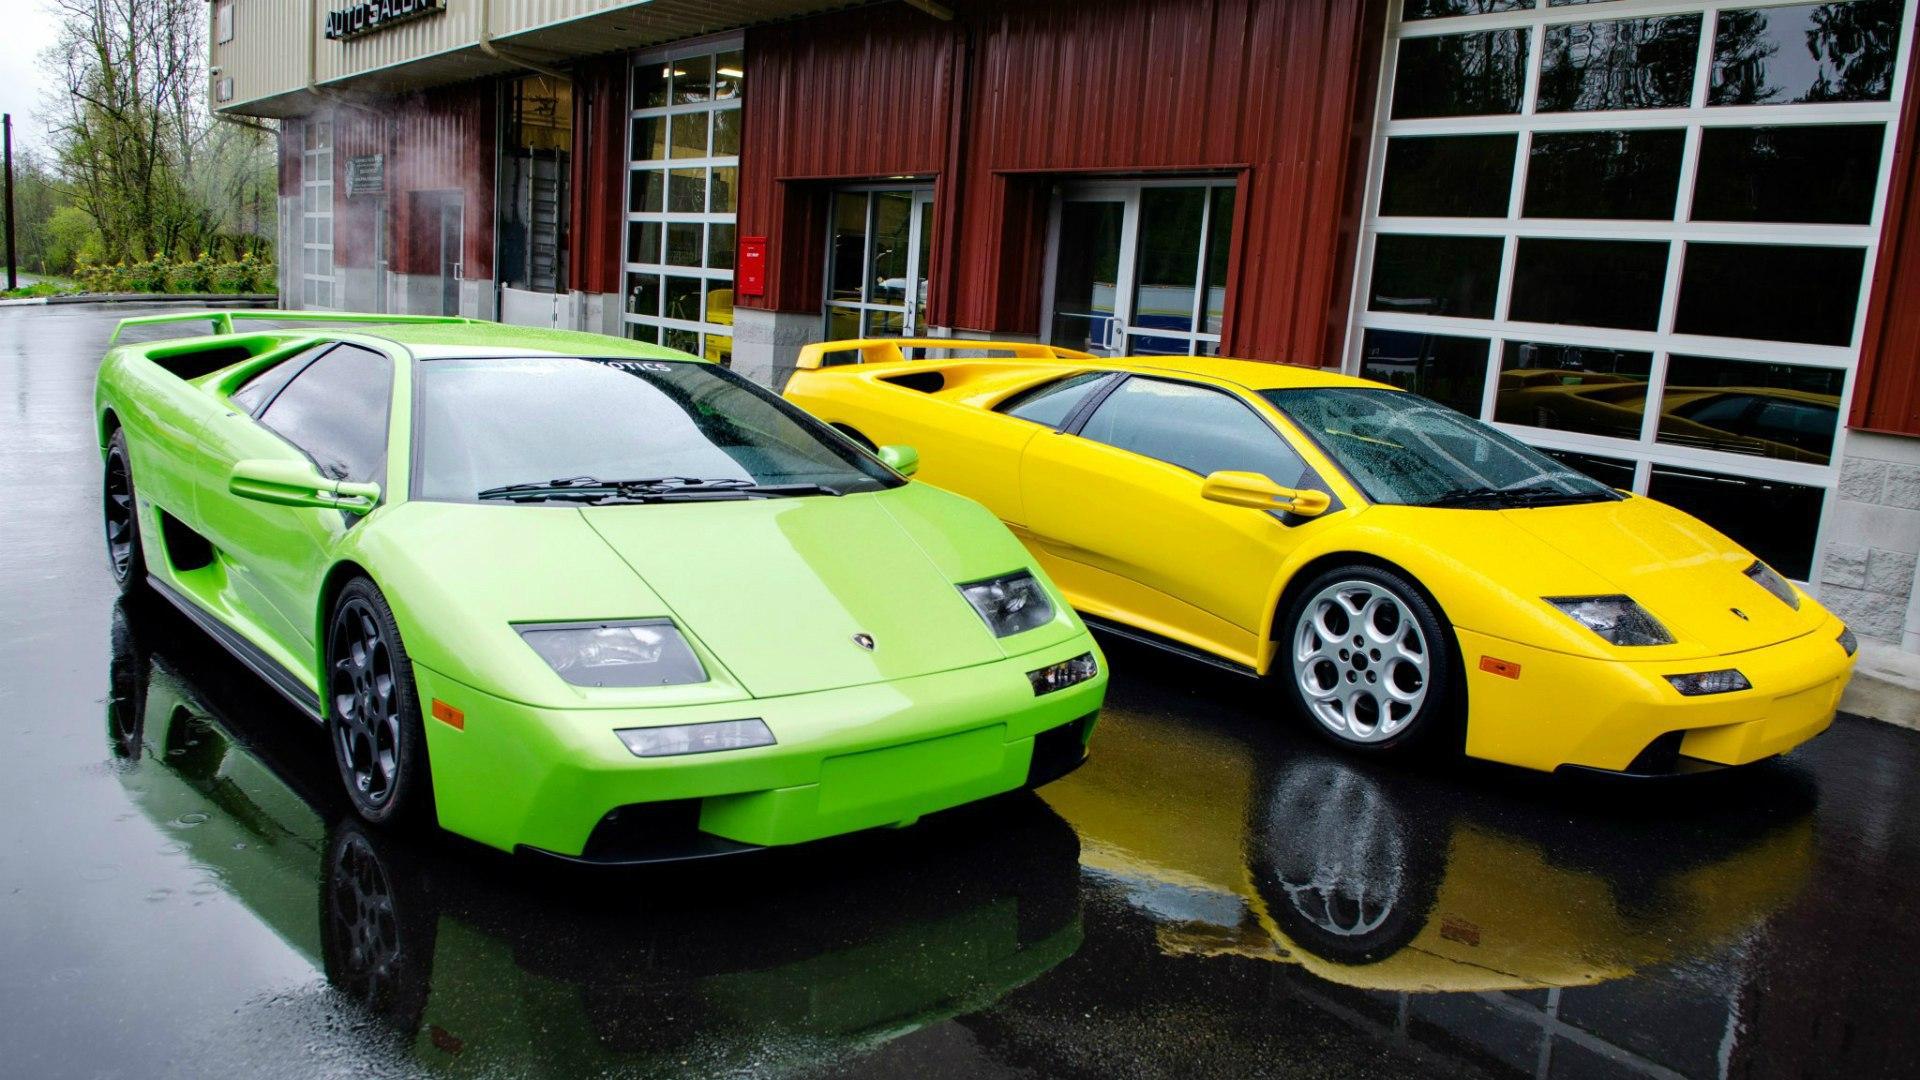 Lamborghini Diablo Wallpapers Images Photos Pictures Backgrounds